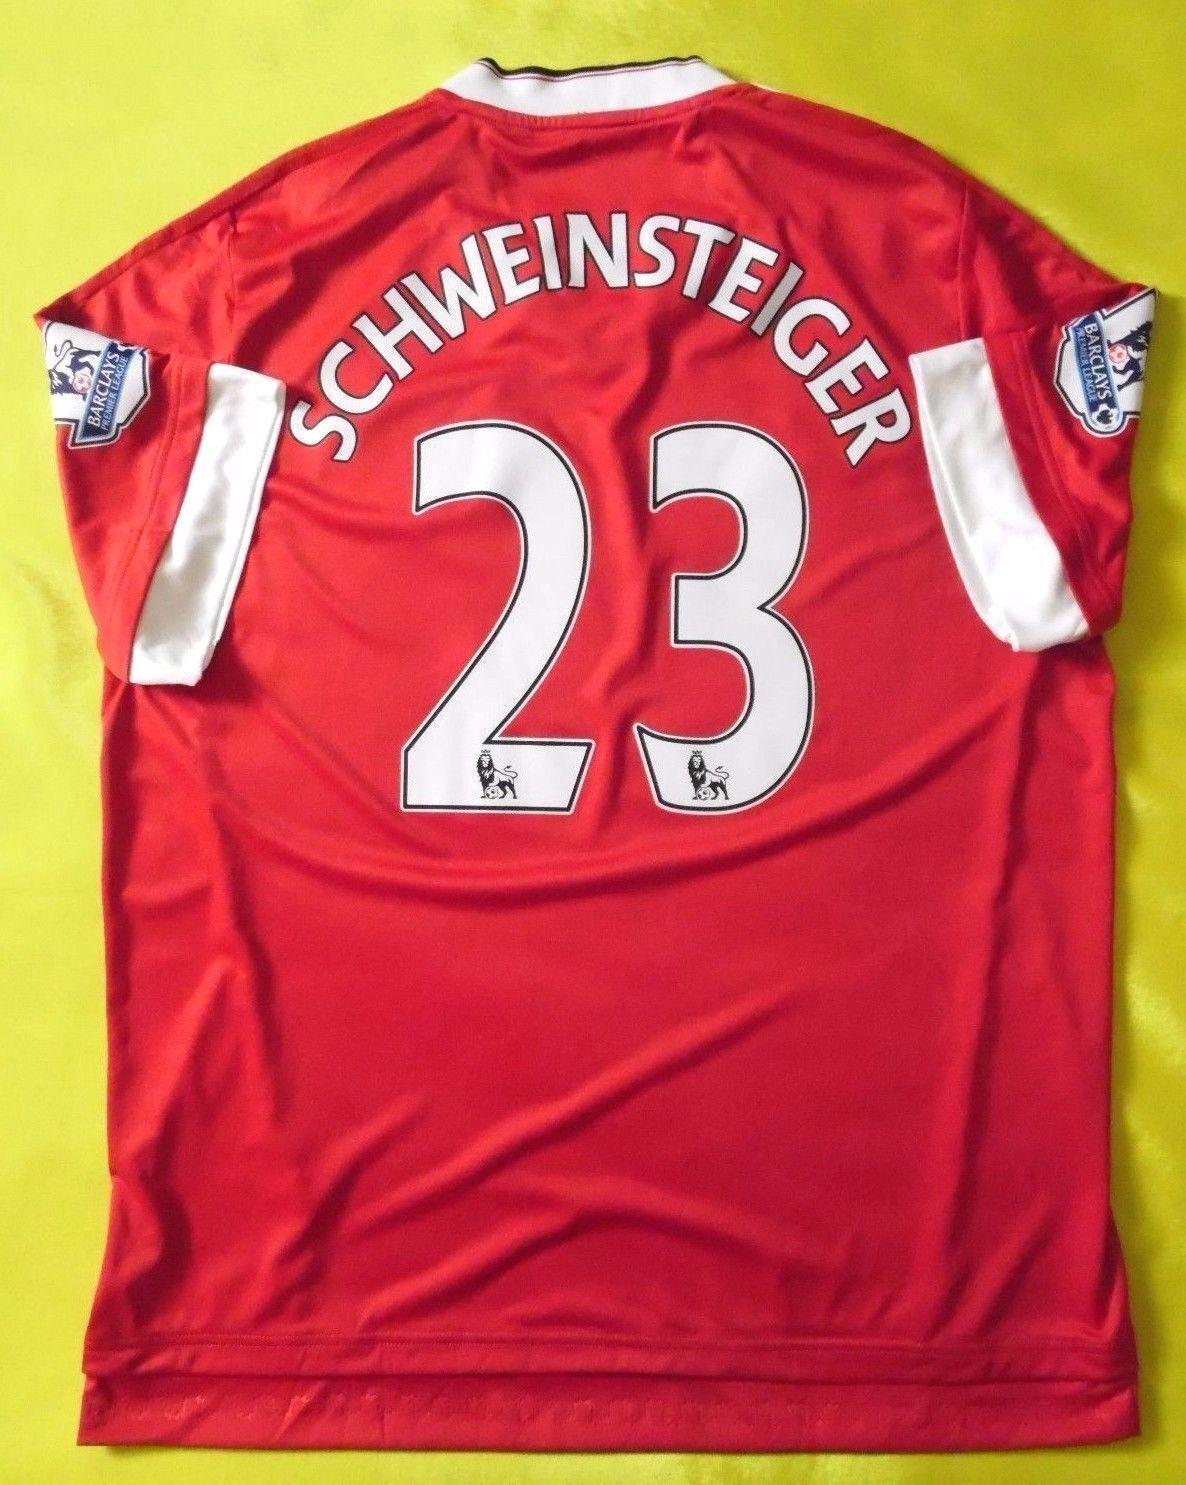 Manchester United Schweinsteiger 2015 Original Football Shirt Jersey Adidas 5+ 5